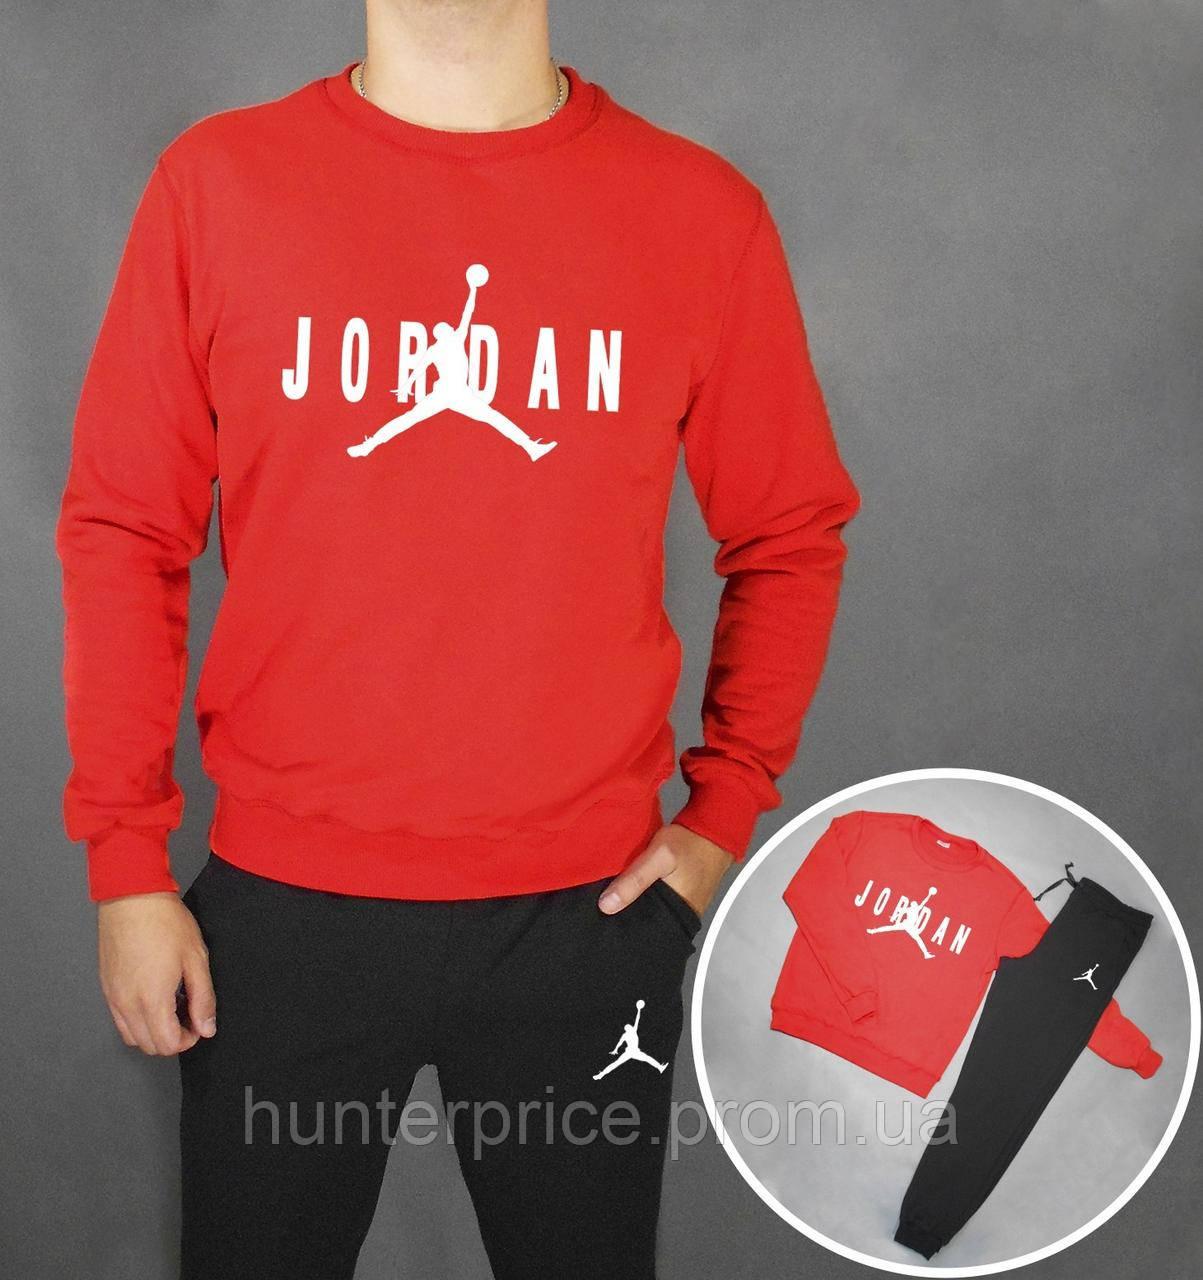 Мужской спортивный костюм с принтом Jordan  продажа, цена в Харькове ... ef6d59c645c